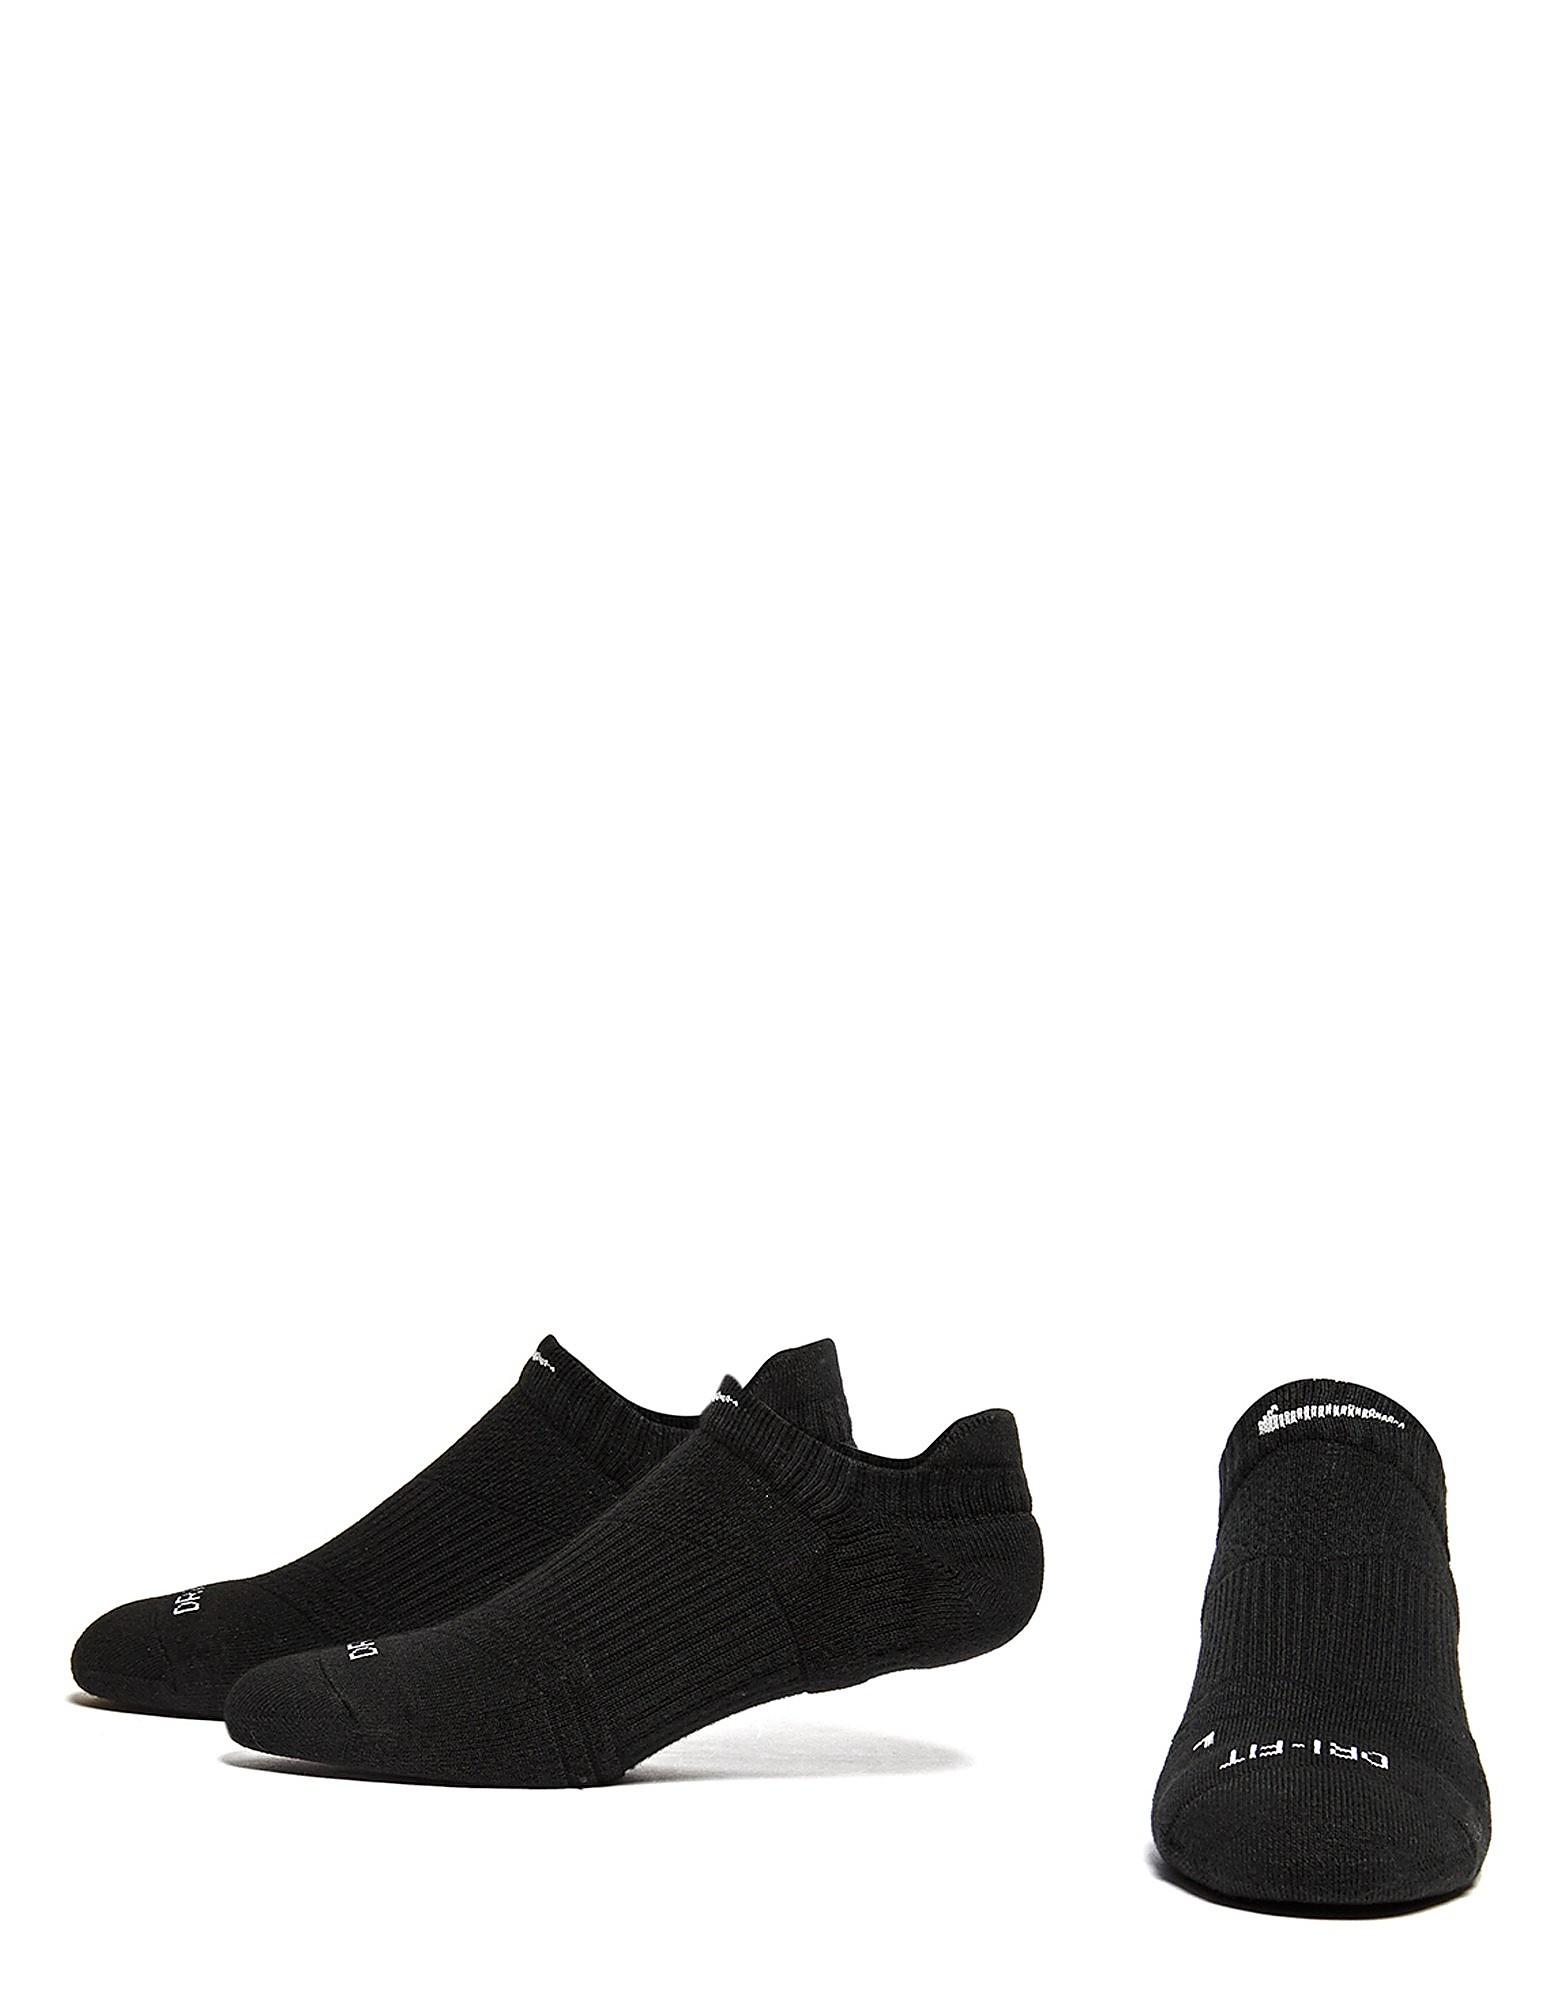 Nike 3 Pack Dri-FIT No-Show Socks